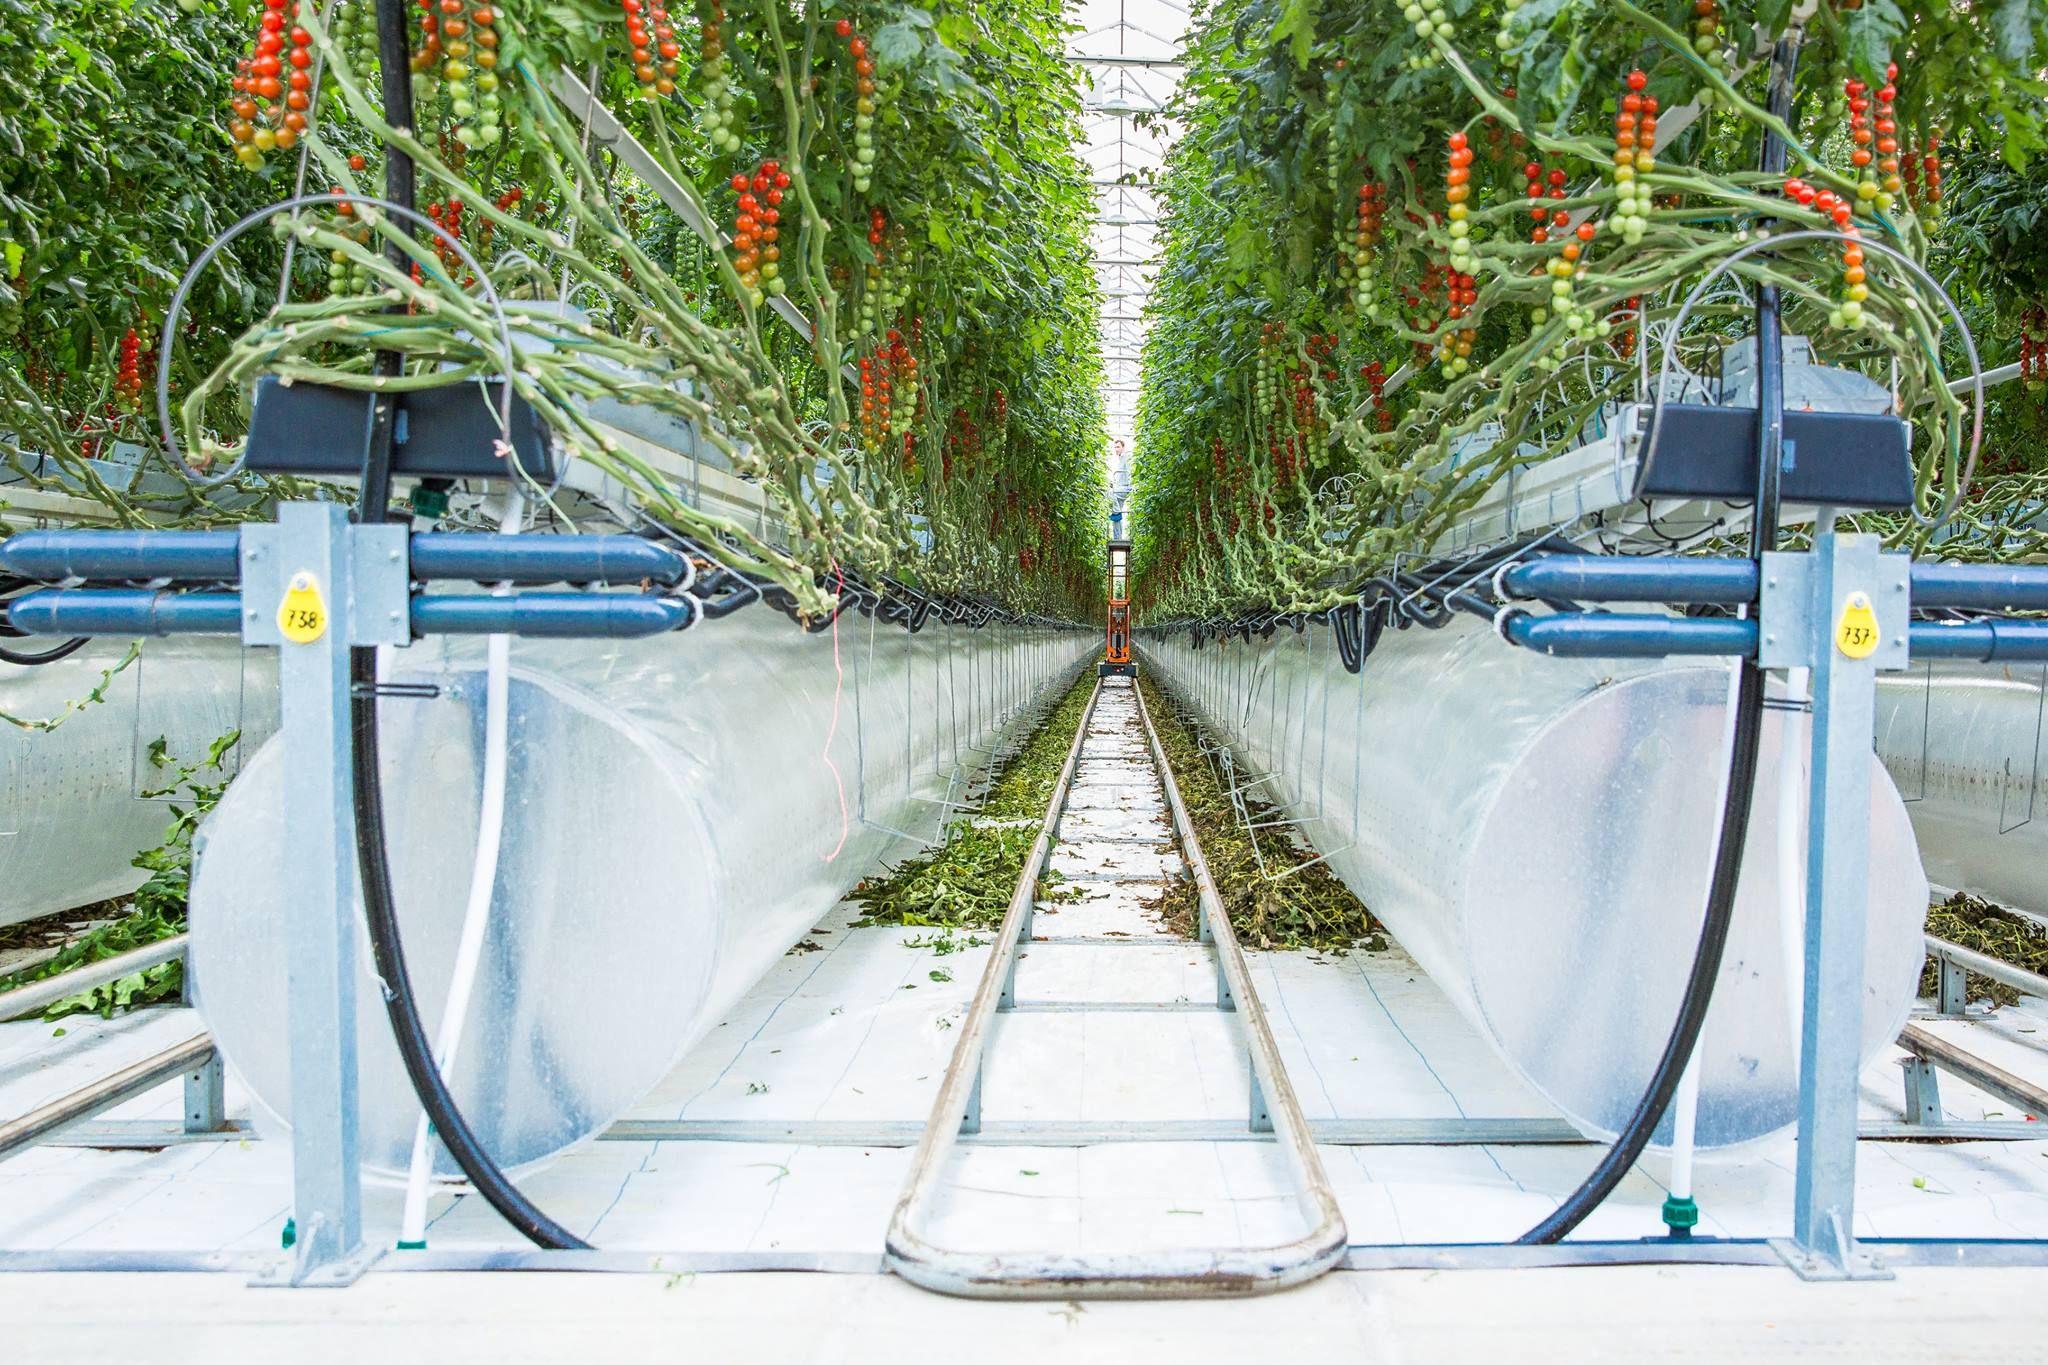 المزارع الذكية هي الطريق نحو تحقيق الأمن الغذائي